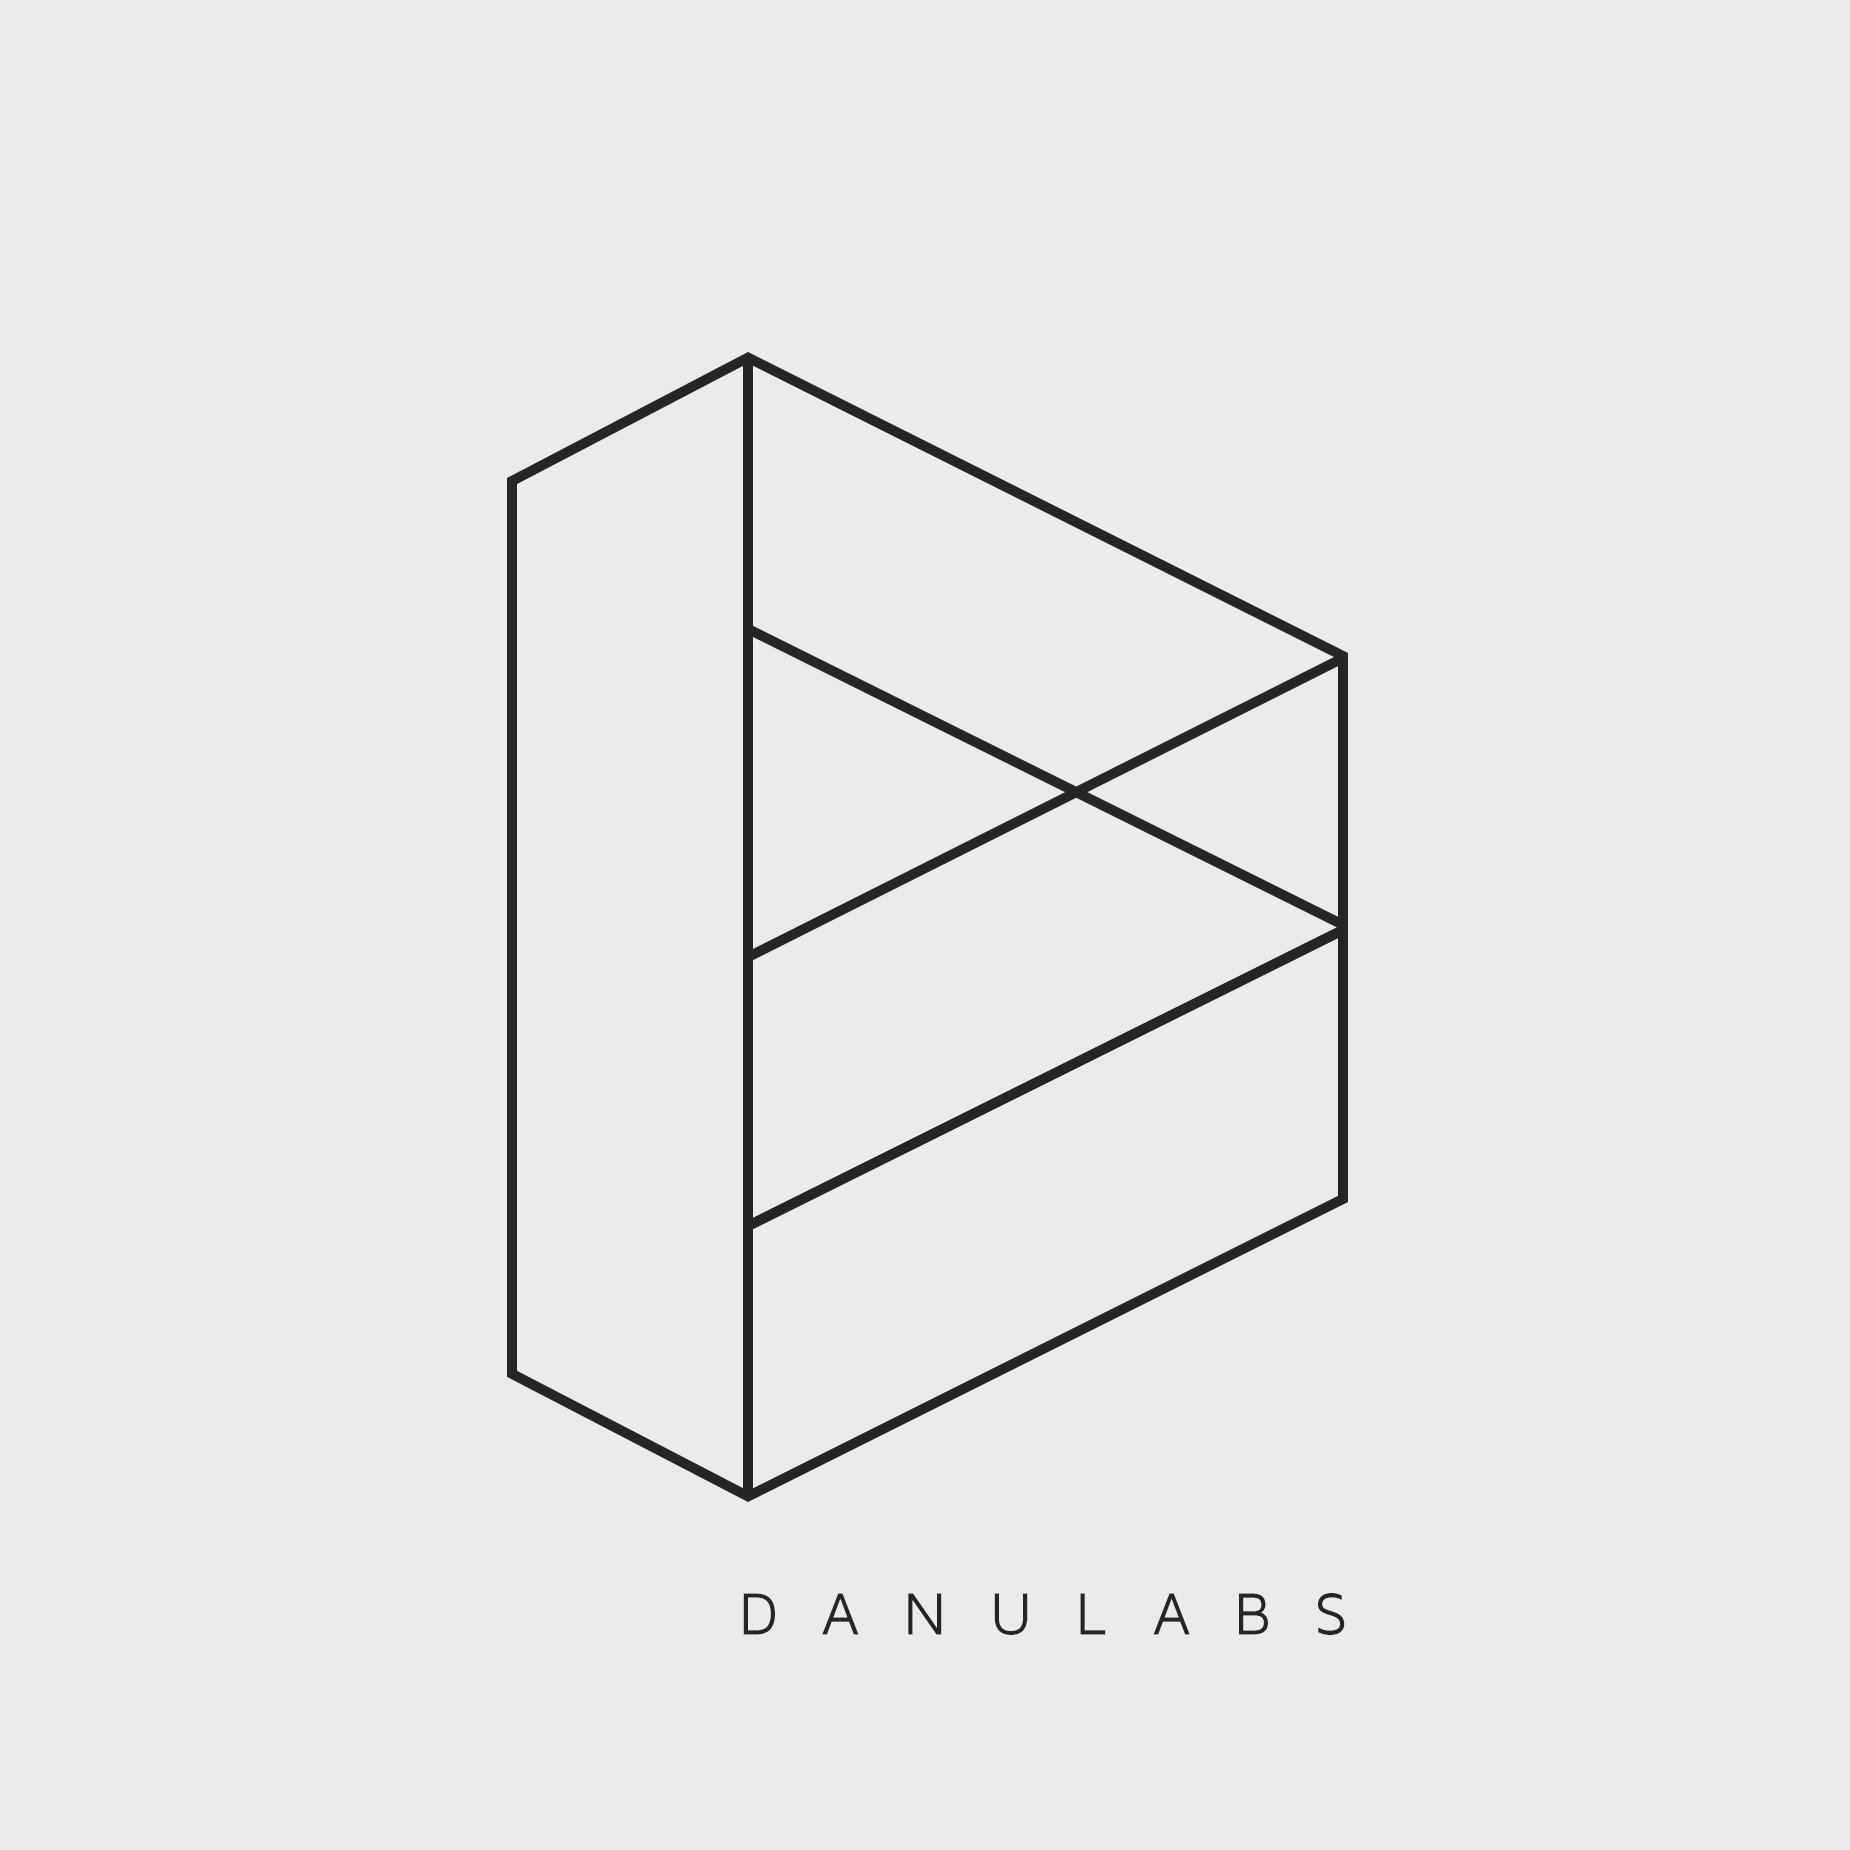 Danulabs